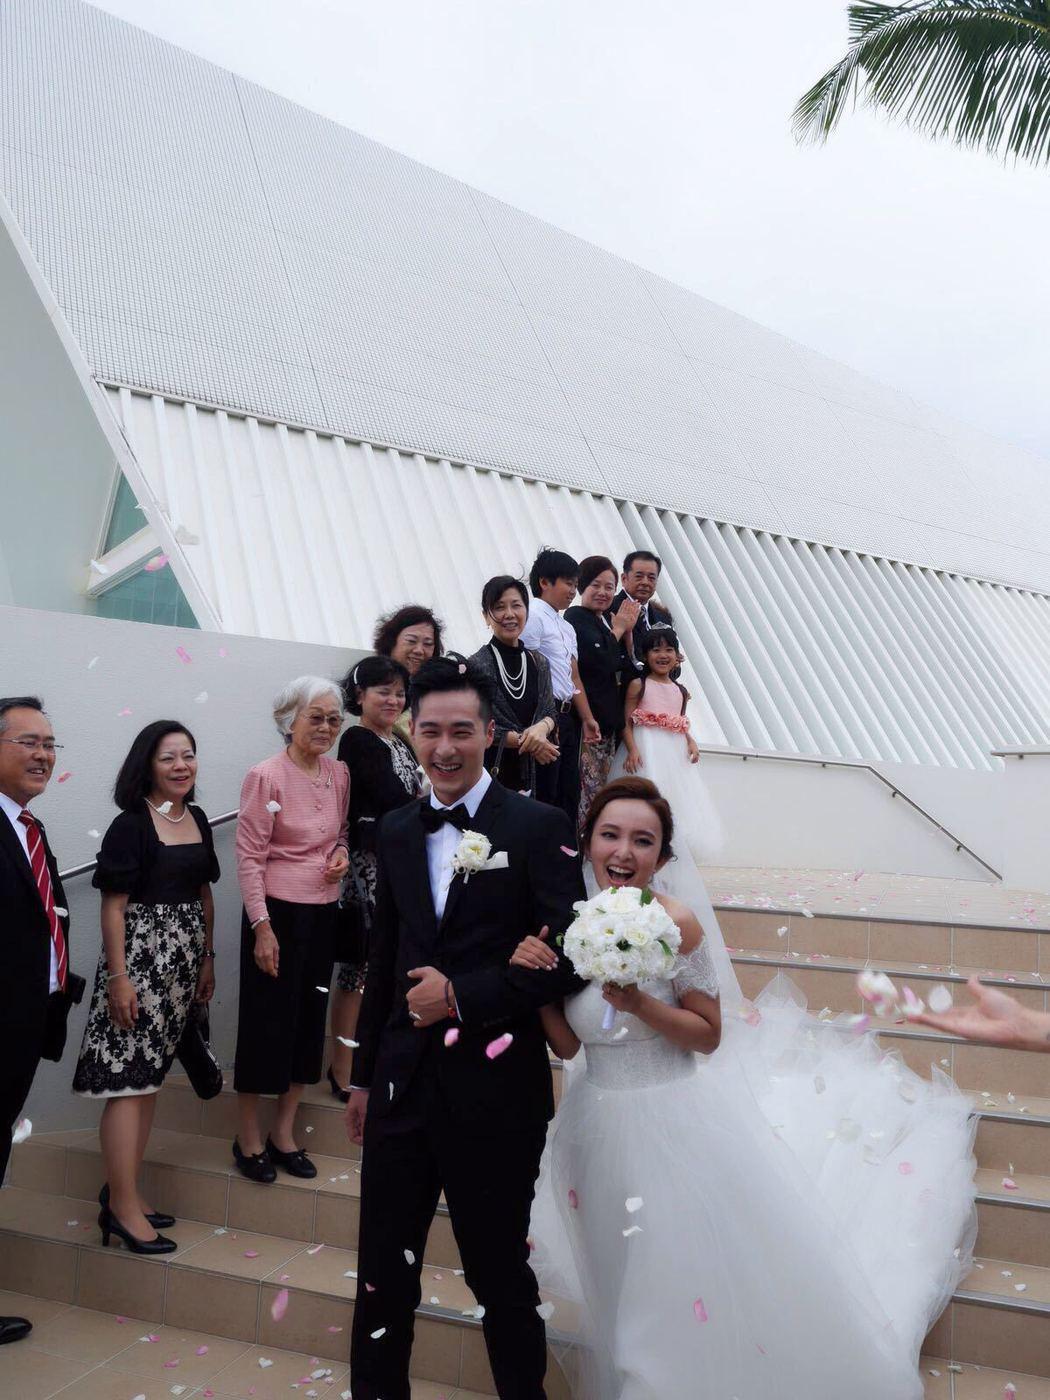 愛紗和周洺甫在沖繩舉行婚禮。圖/曲洱有限公司提供